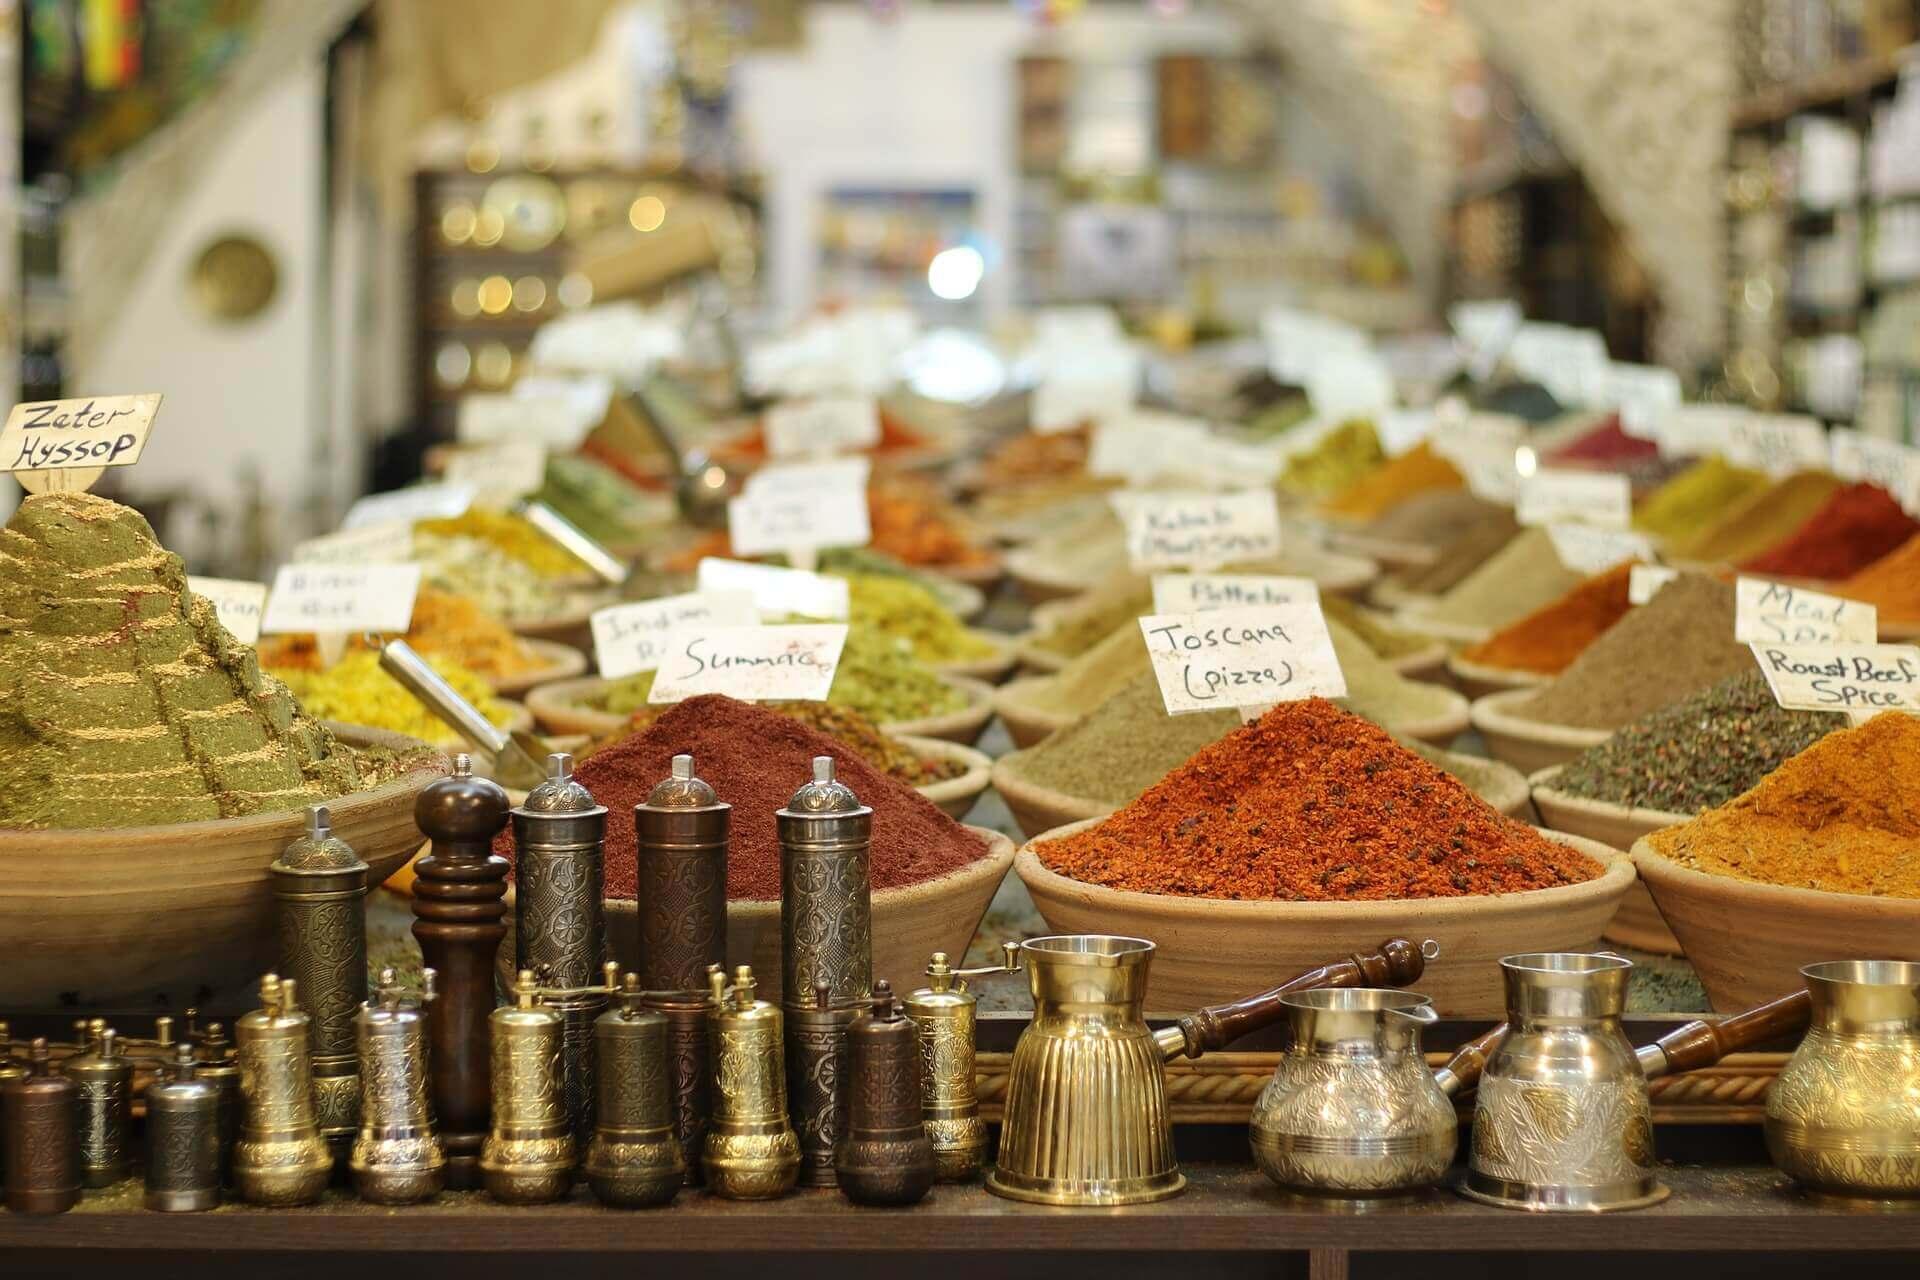 Jordanie culinaire ervaringen